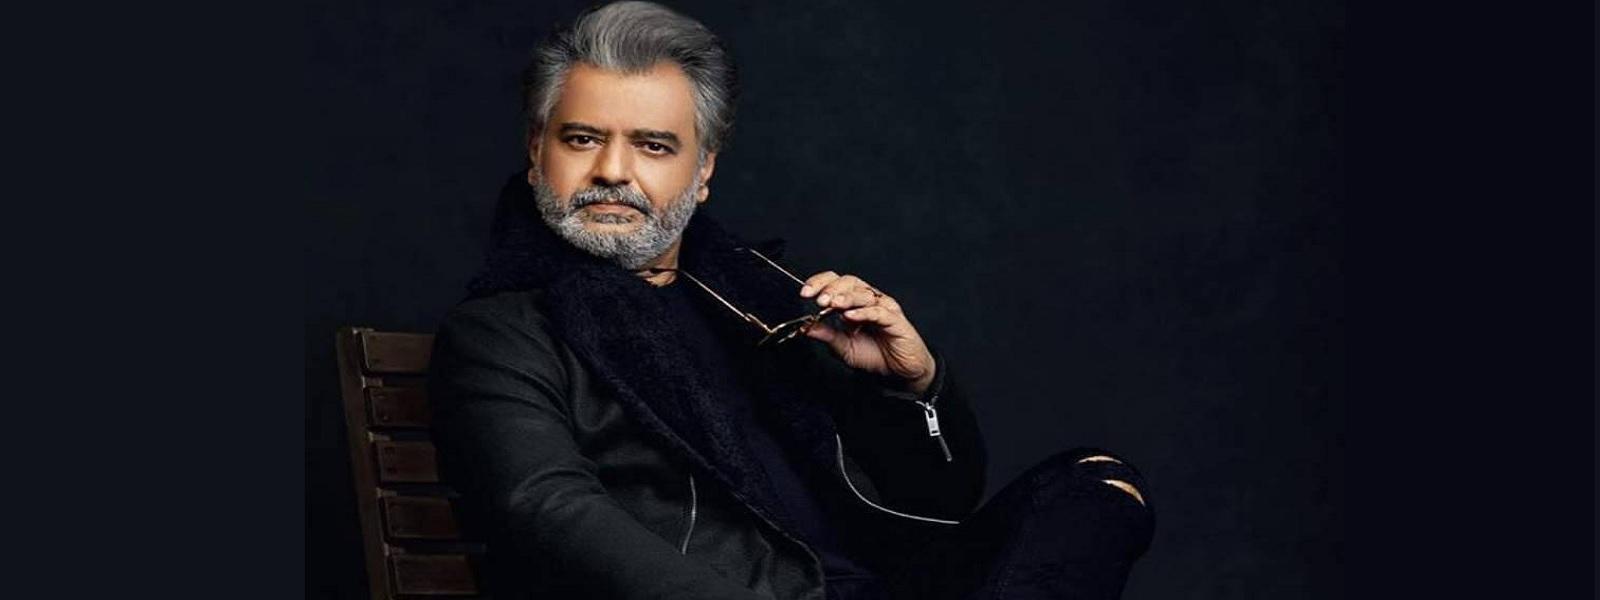 நடிகர் விவேக் மாரடைப்பால் மரணம்